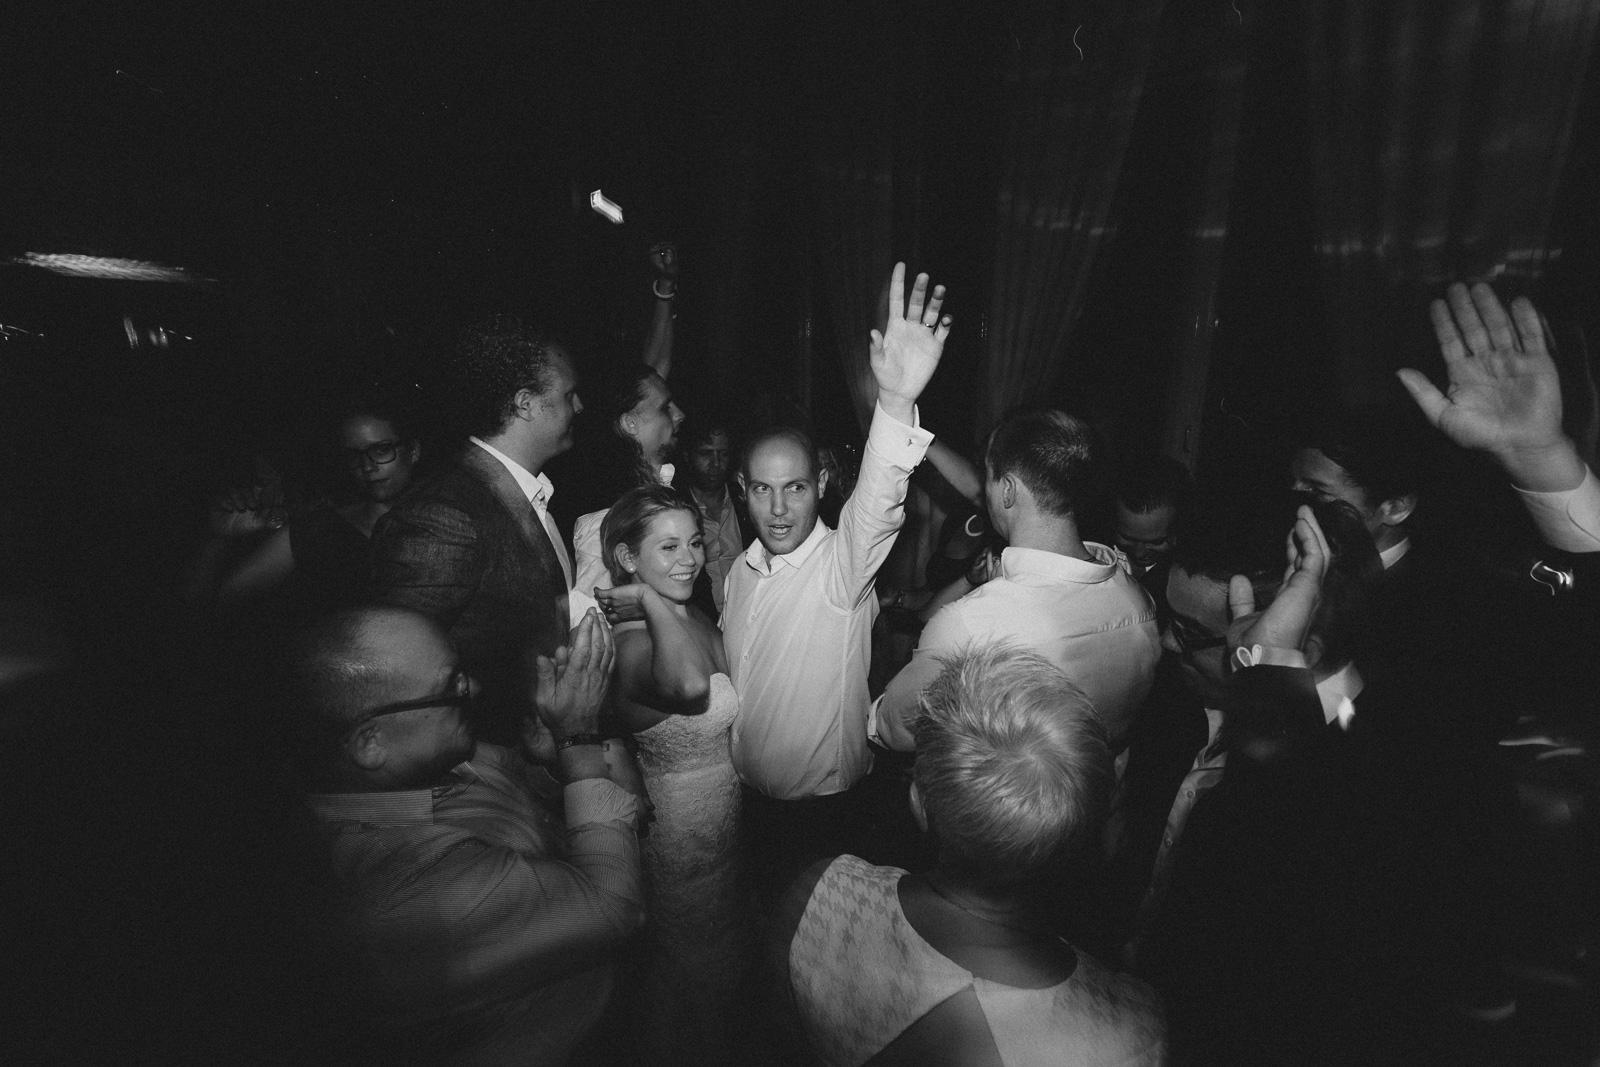 Evabloem_wedding_martine-en-jurriaan-38.jpg